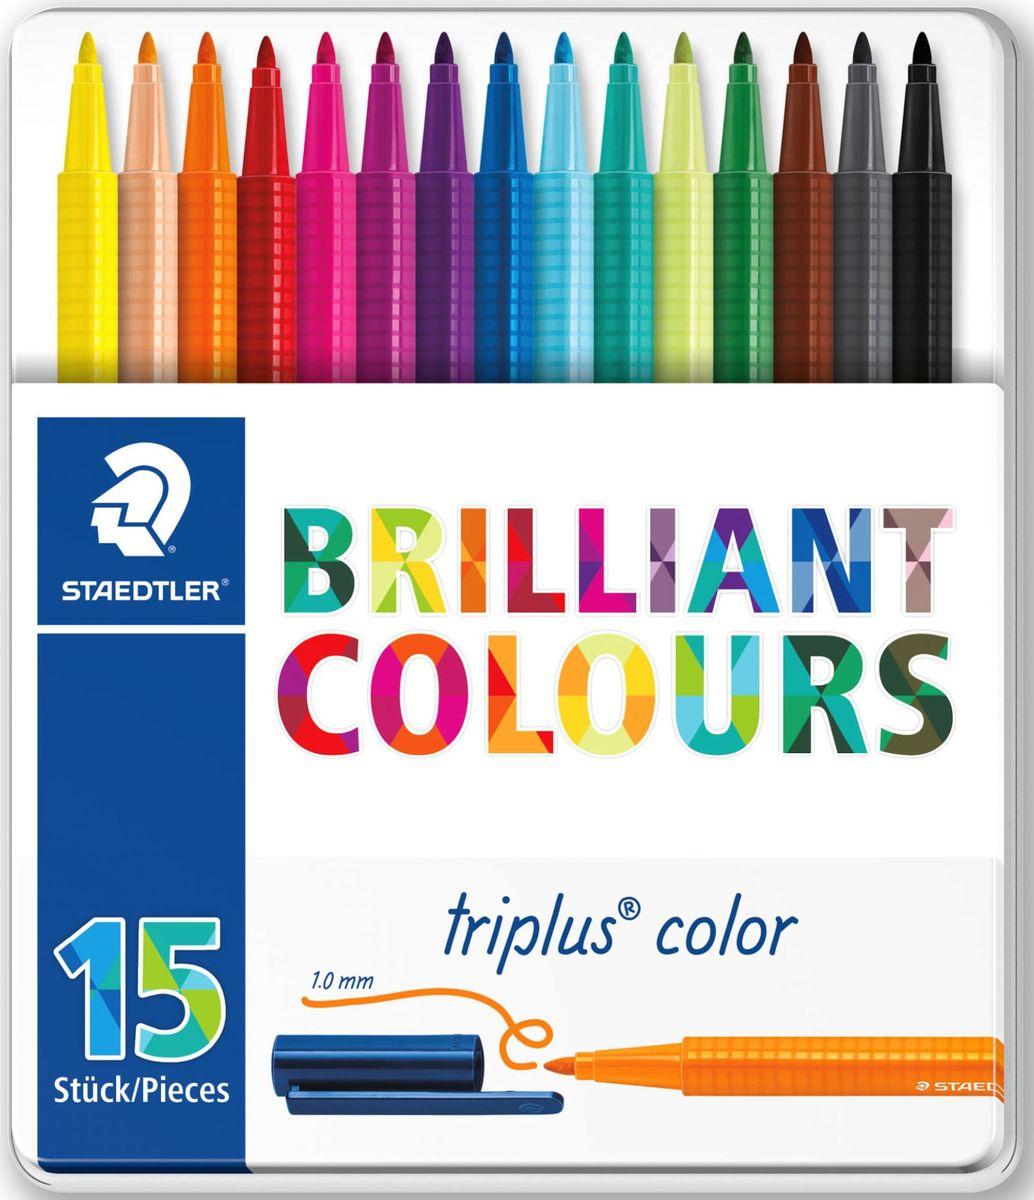 Staedtler Набор фломастеров Triplus 323 Яркие цвета 15 цветов323M15Набор фломастеров 323 серии Triplus Color Яркие цвета состоит из 15 цветов. Каждый фломастер имеет:Эргономичный трехгранный корпус для легкого и удобного письма и рисования. Прочный, устойчивый к нажиму пишущий узел. Защита от высыхания - может быть оставлен без колпачка на несколько дней (тест ISO 554). Вентилируемый колпачок. Чернила на водной основе. Отстирываются с большинства поверхностей. Корпус и колпачок из полипропилена гарантируют долгий срок службы.